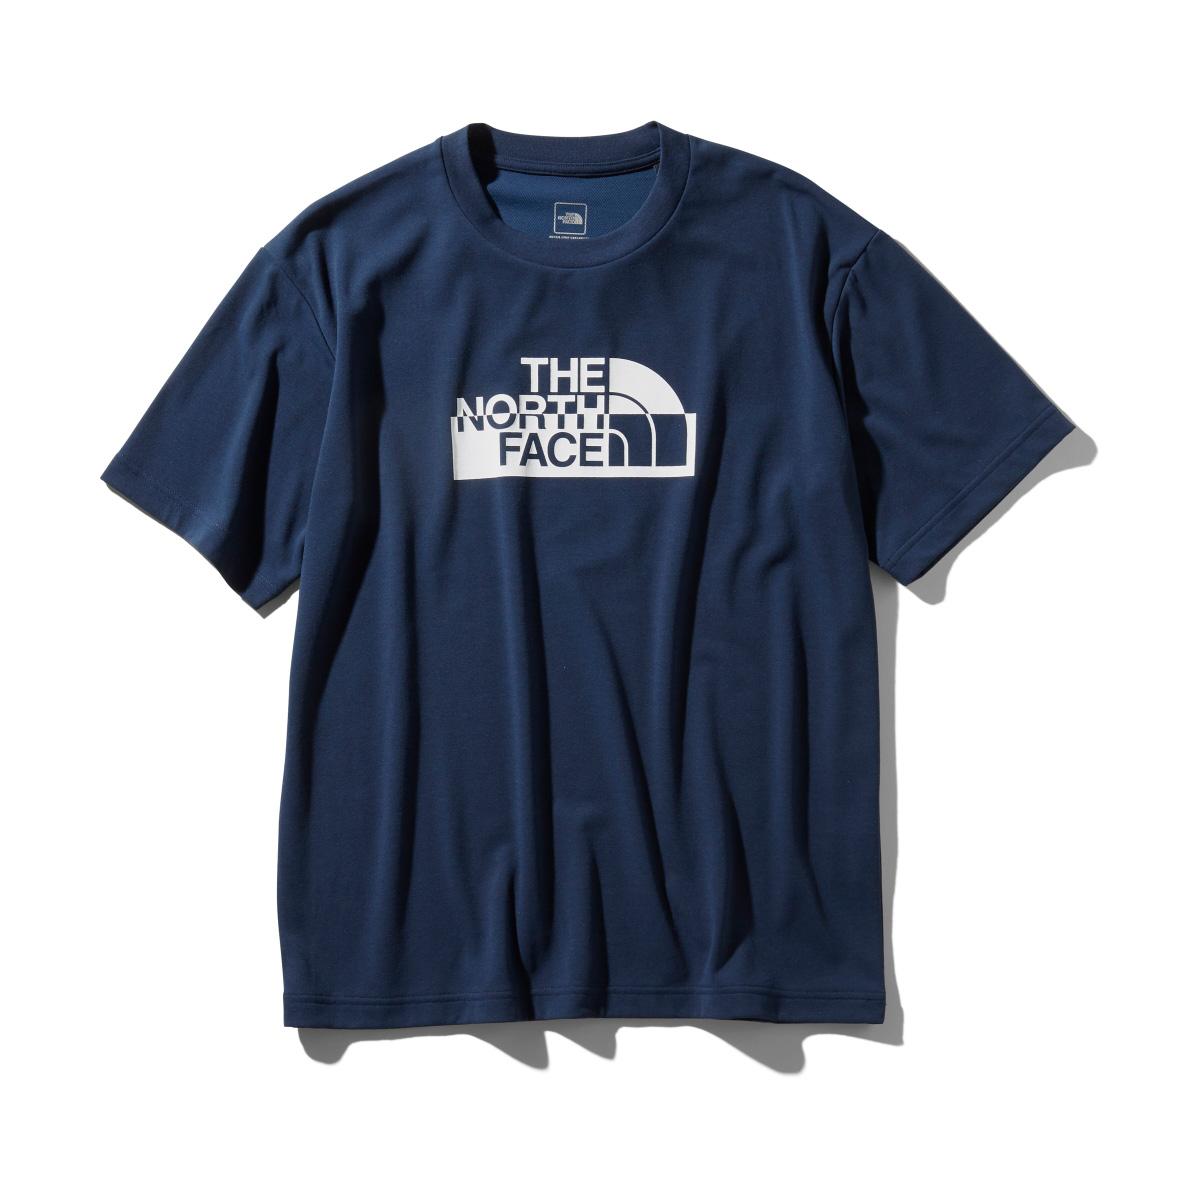 THE NORTH FACE S/S WATERSIDE GRAPHIC TEE(コズミックブルー)(ザ・ノース・フェイス ショートスリーブ ウォーターサイド グラフィック ティー)【メンズ】【Tシャツ】【19SS-I】